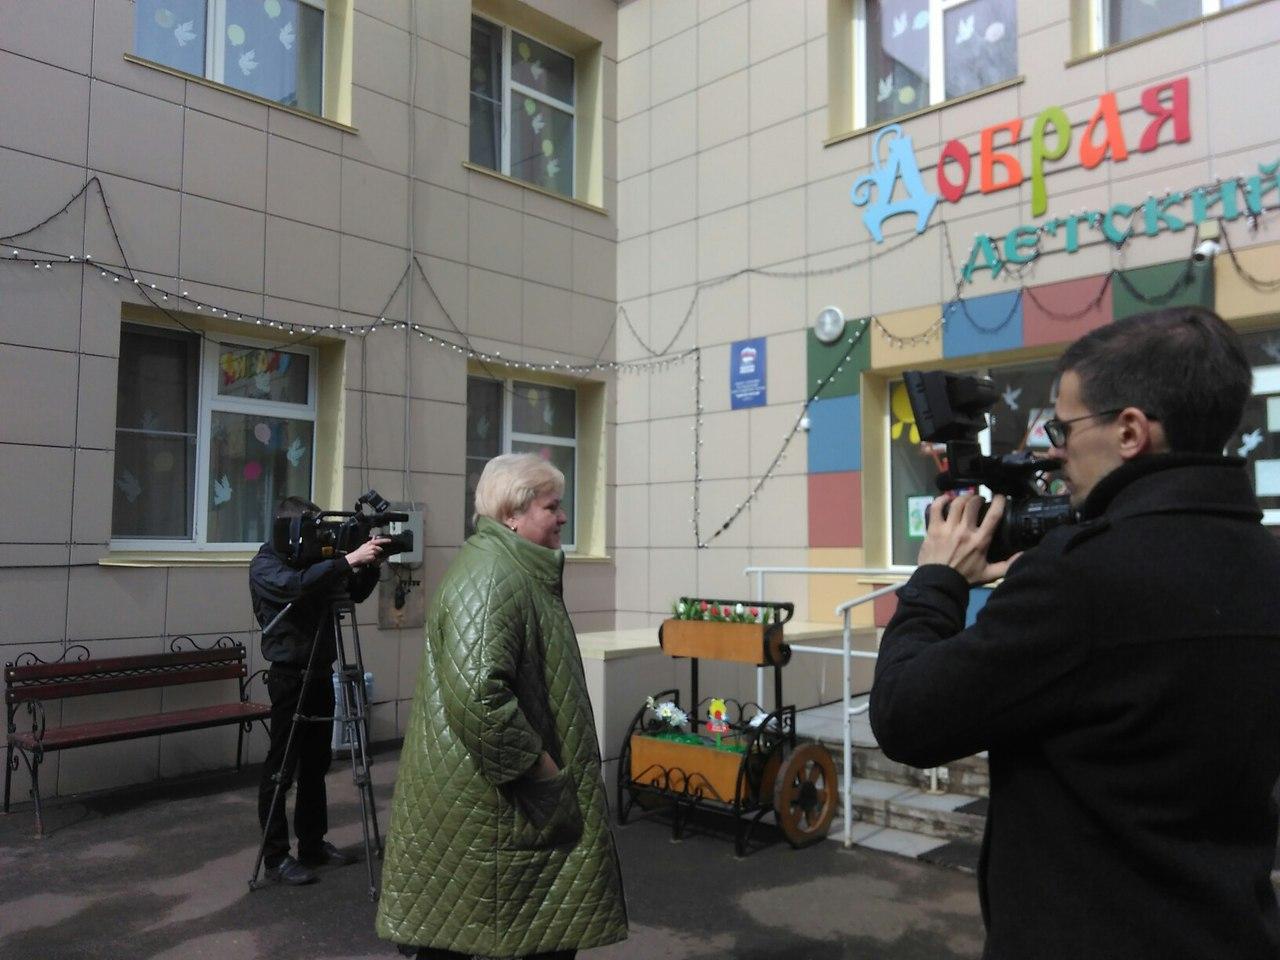 Проверки ради проверок? Департамент образования Кирова провел рейд в недавно реконструированном детском саду